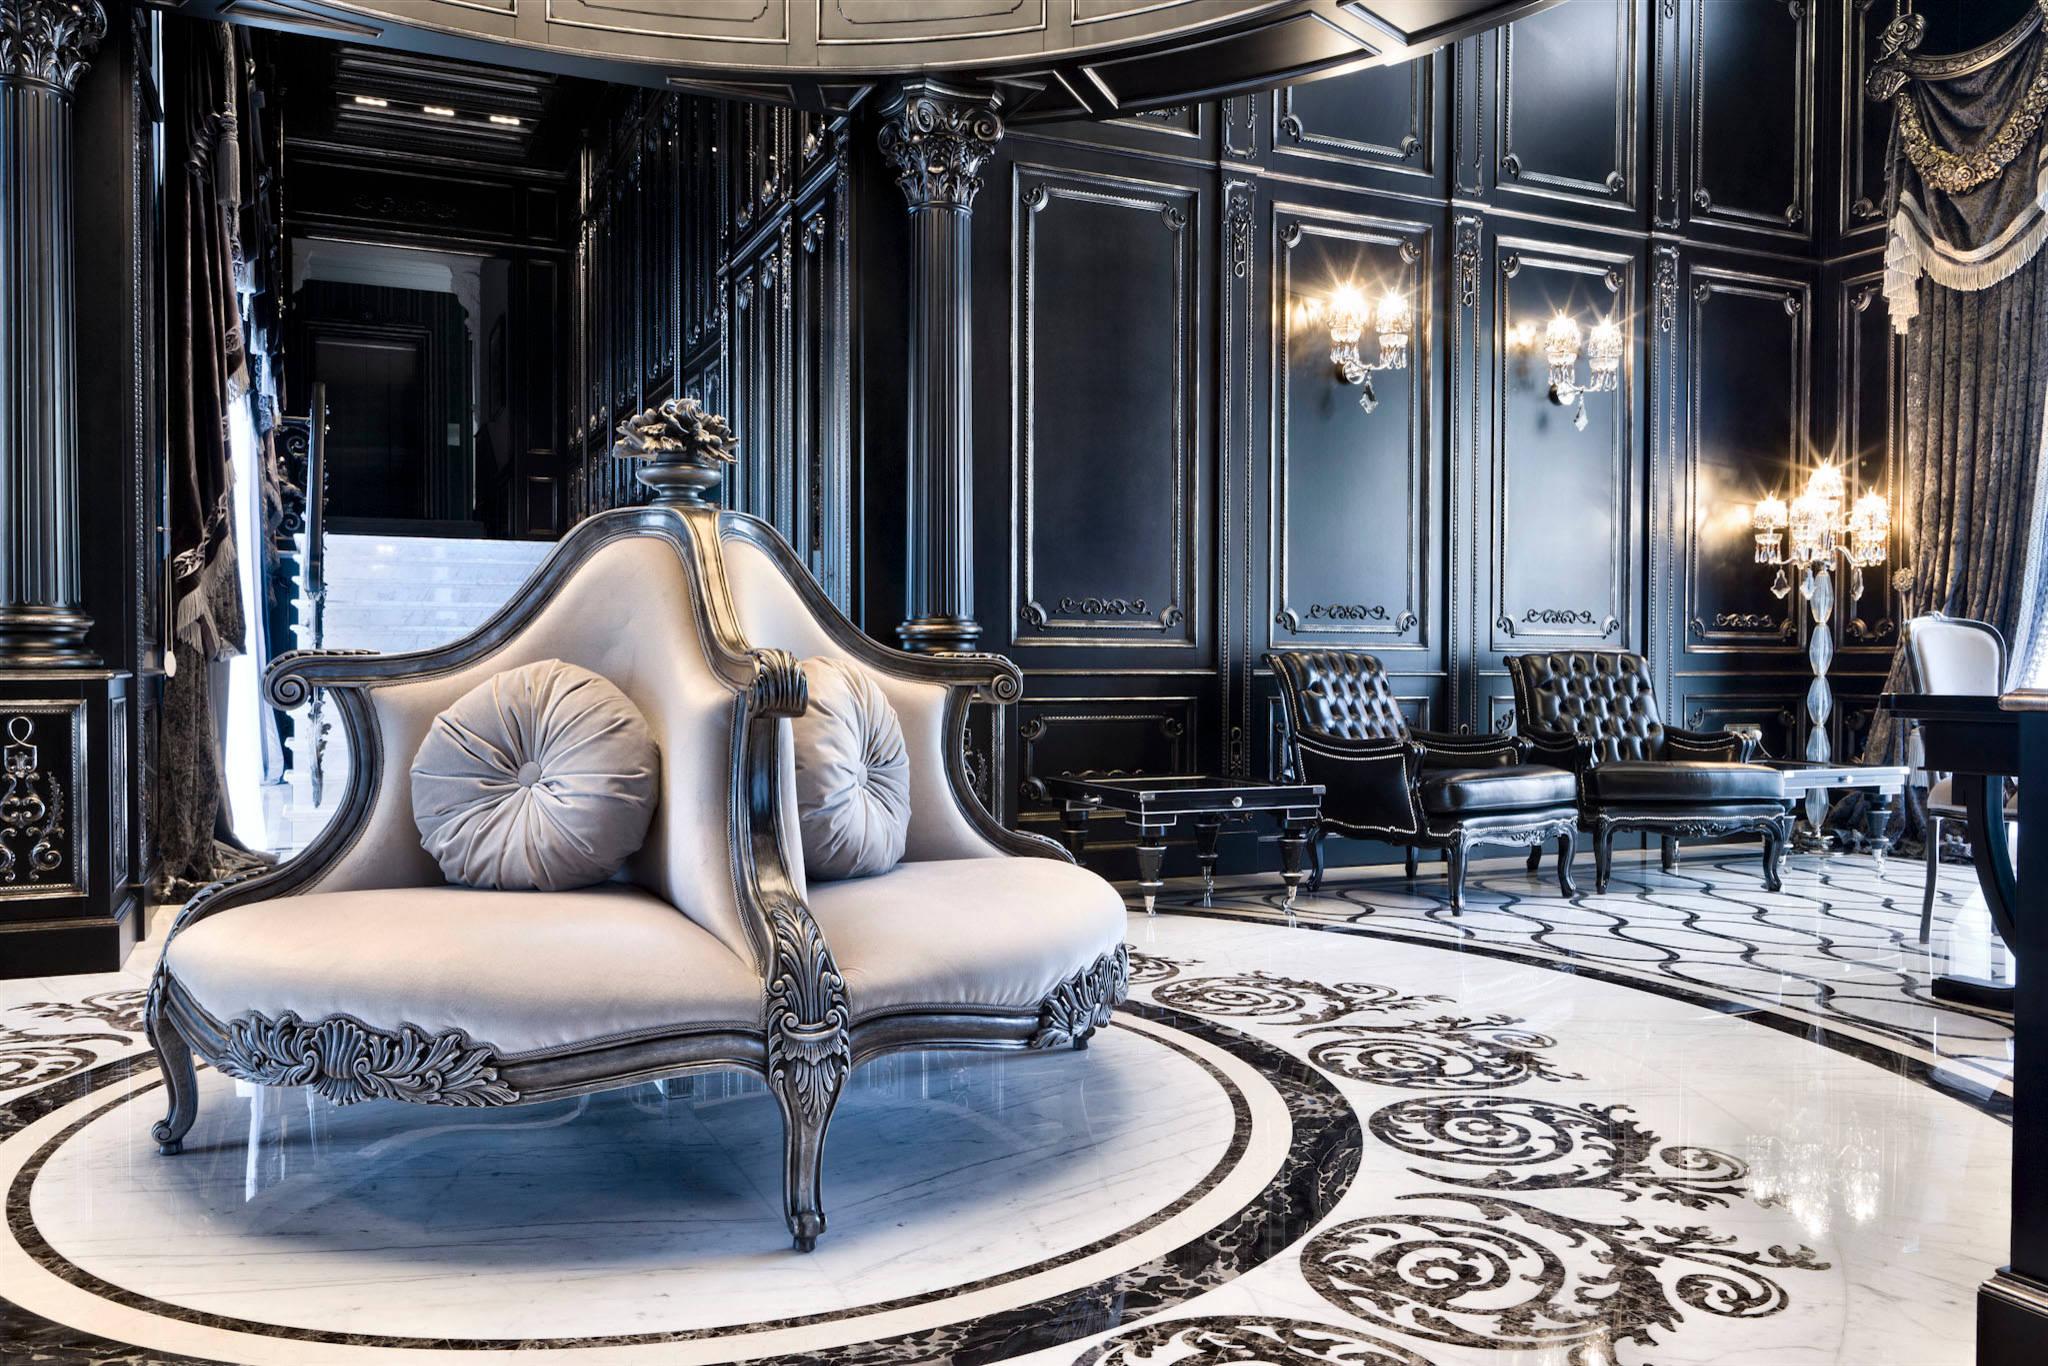 La combinaison noir et blanc avec la nacre ajoute encore plus de luxe à l'intérieur classique